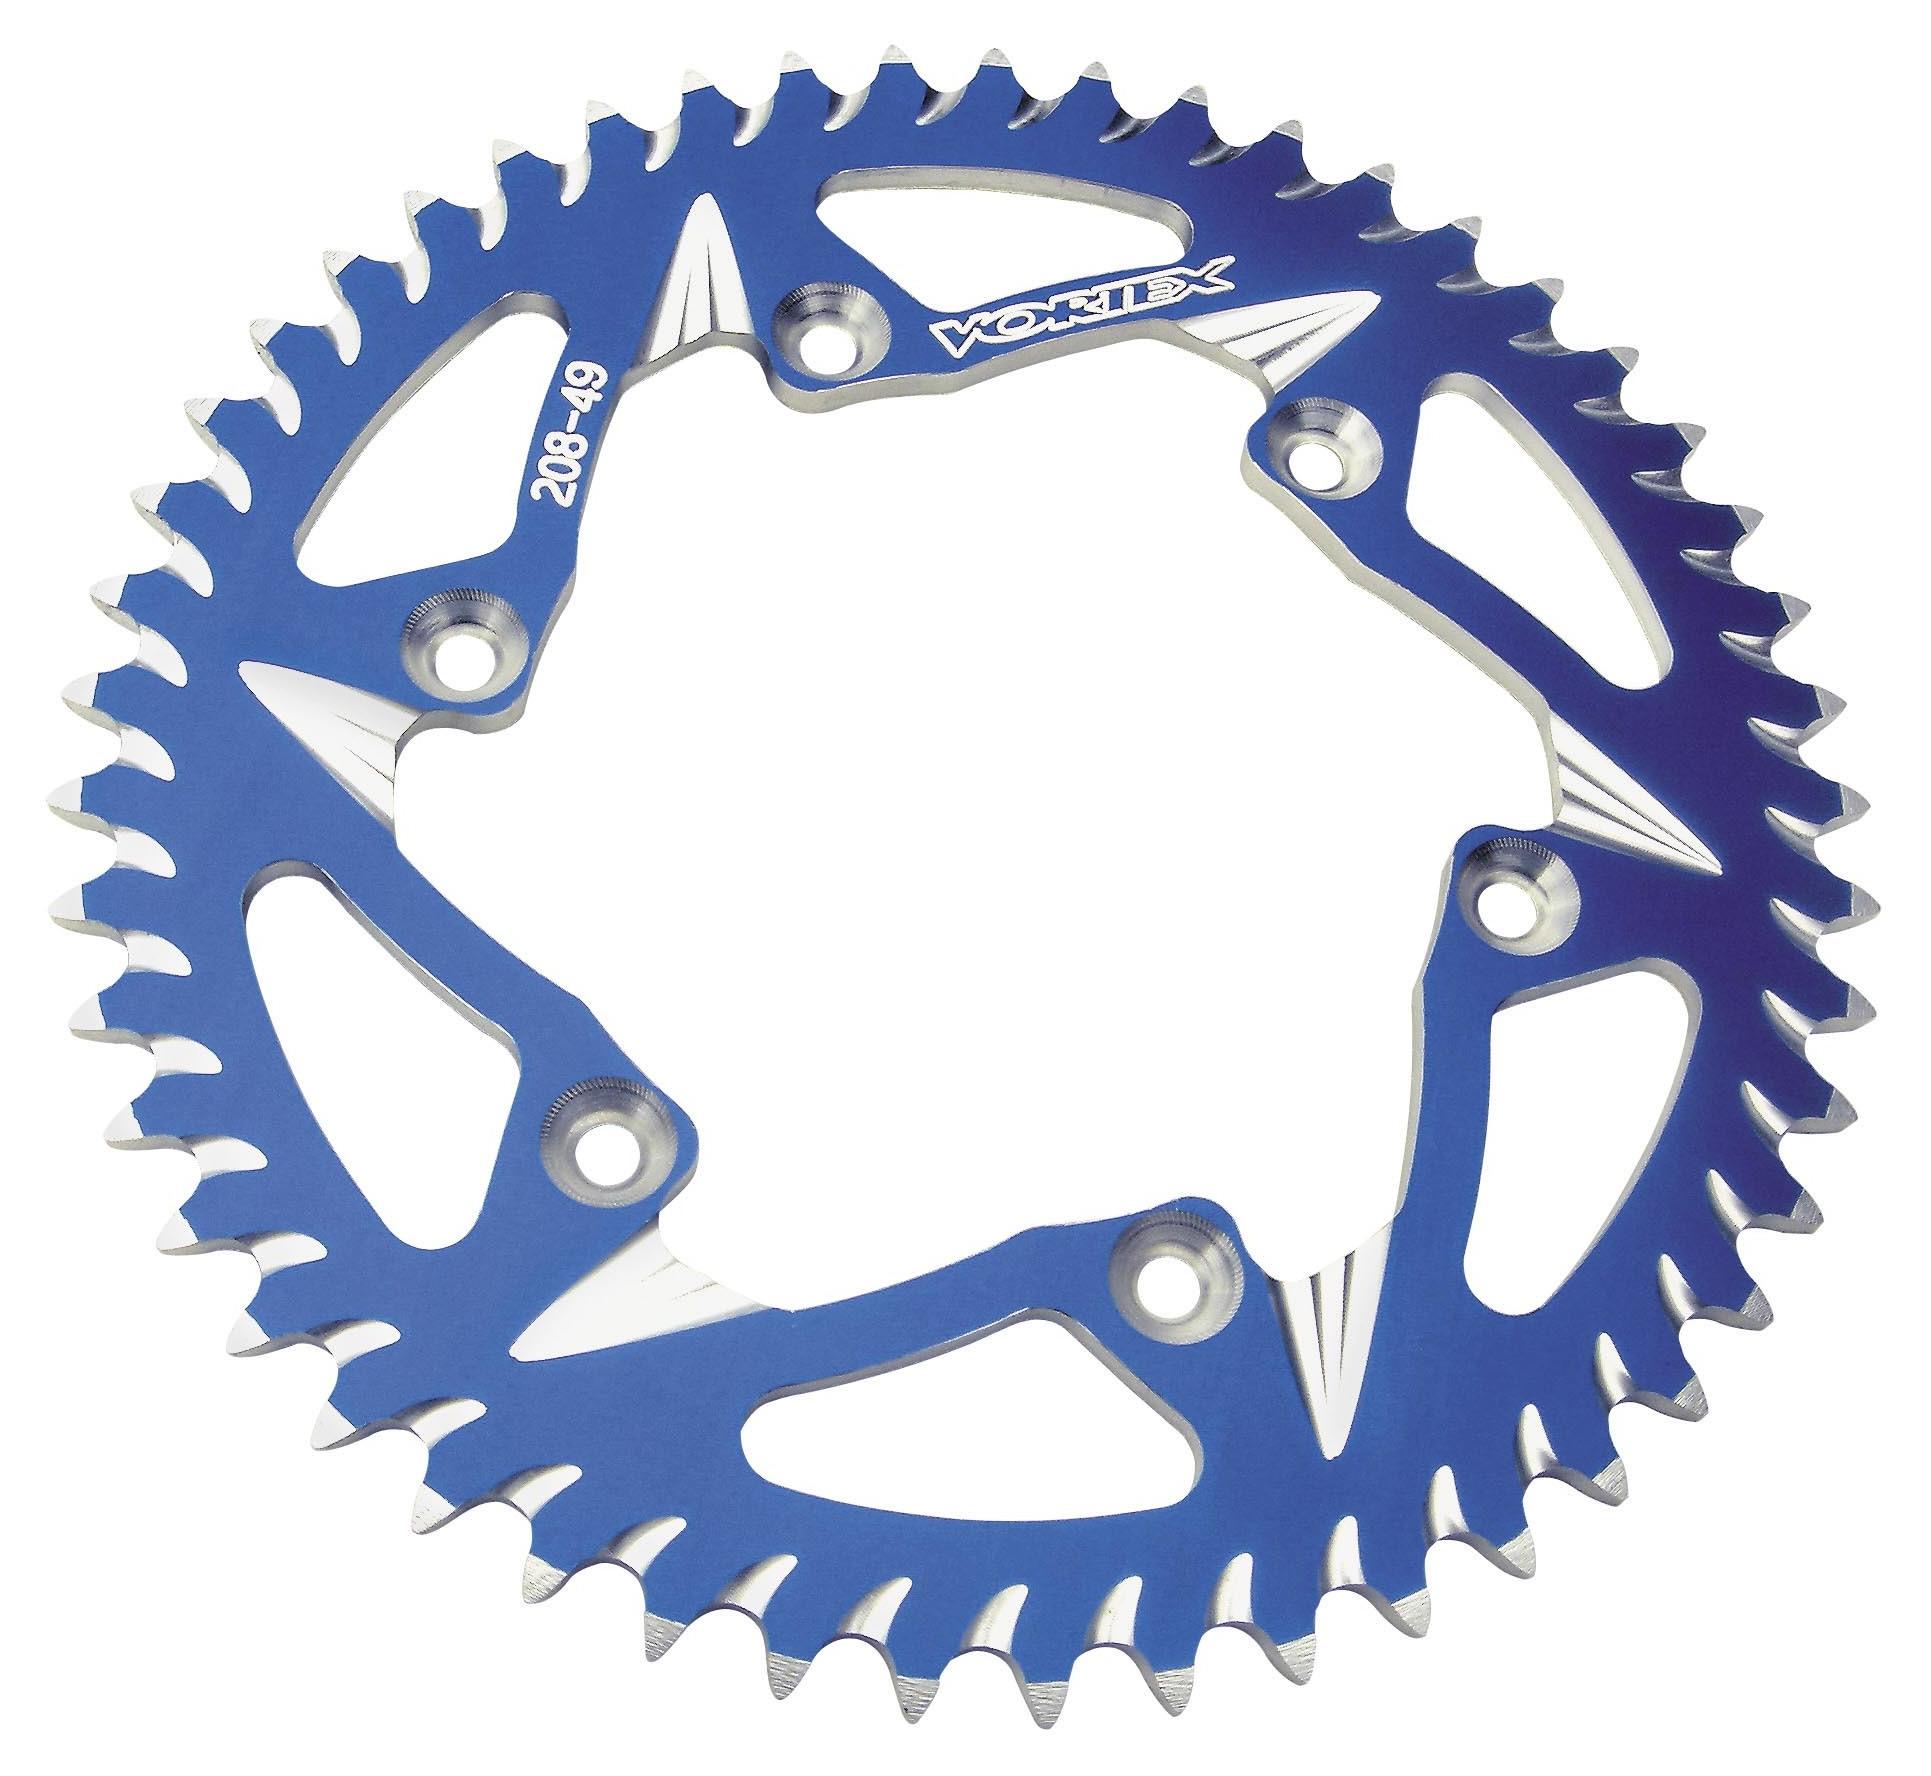 Vortex 110ZR-51 Red 51-Tooth Rear Sprocket